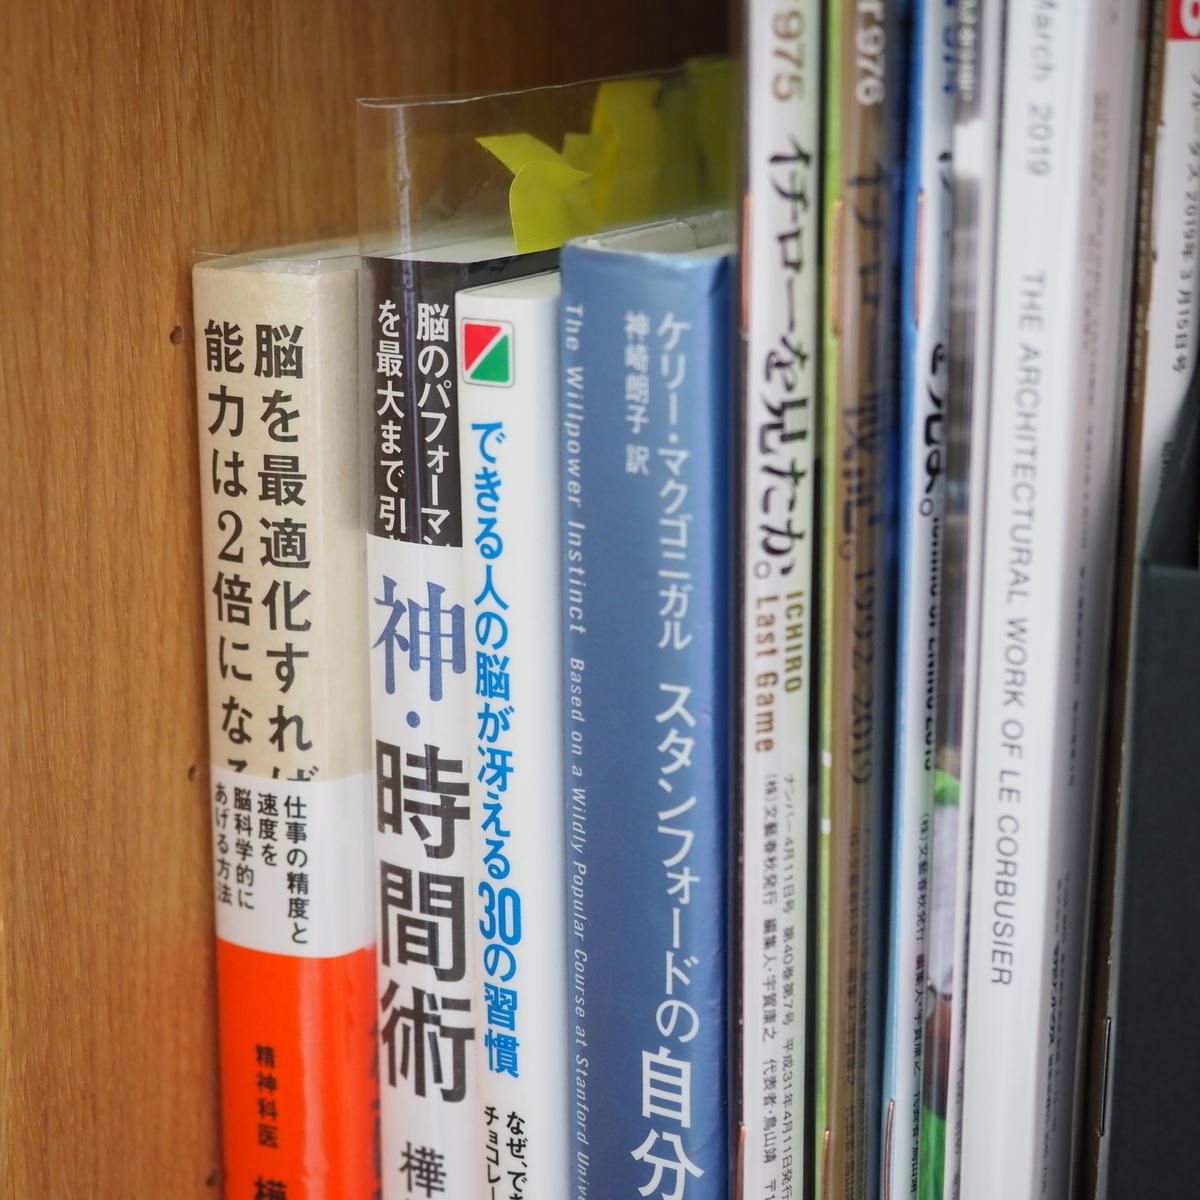 f:id:shokubutsuzoku:20190525104642j:plain